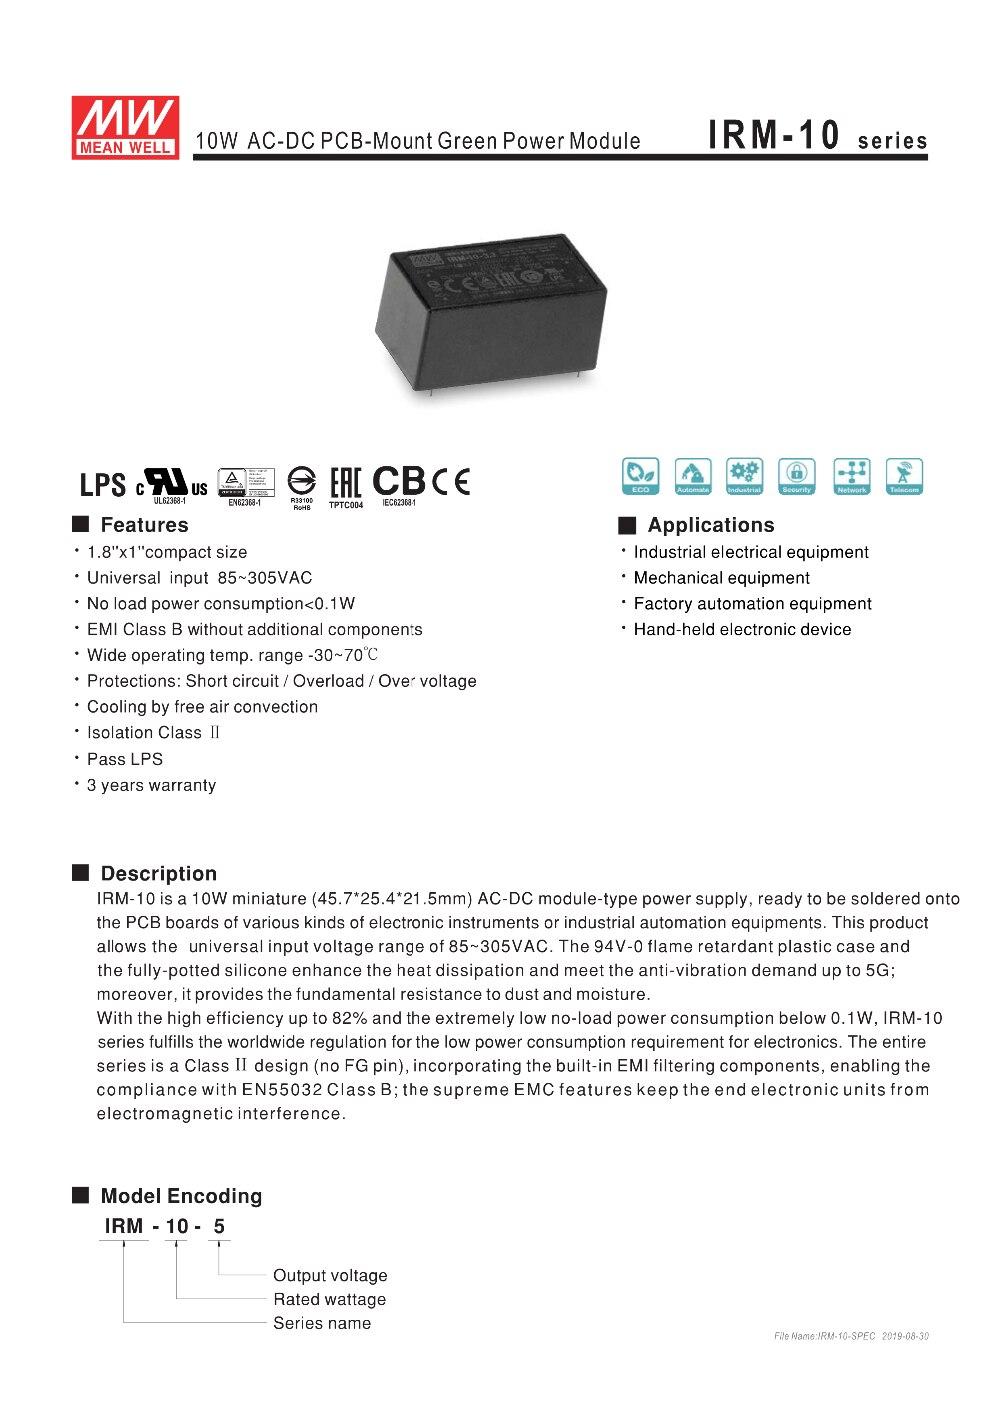 IRM-10-SPEC-1